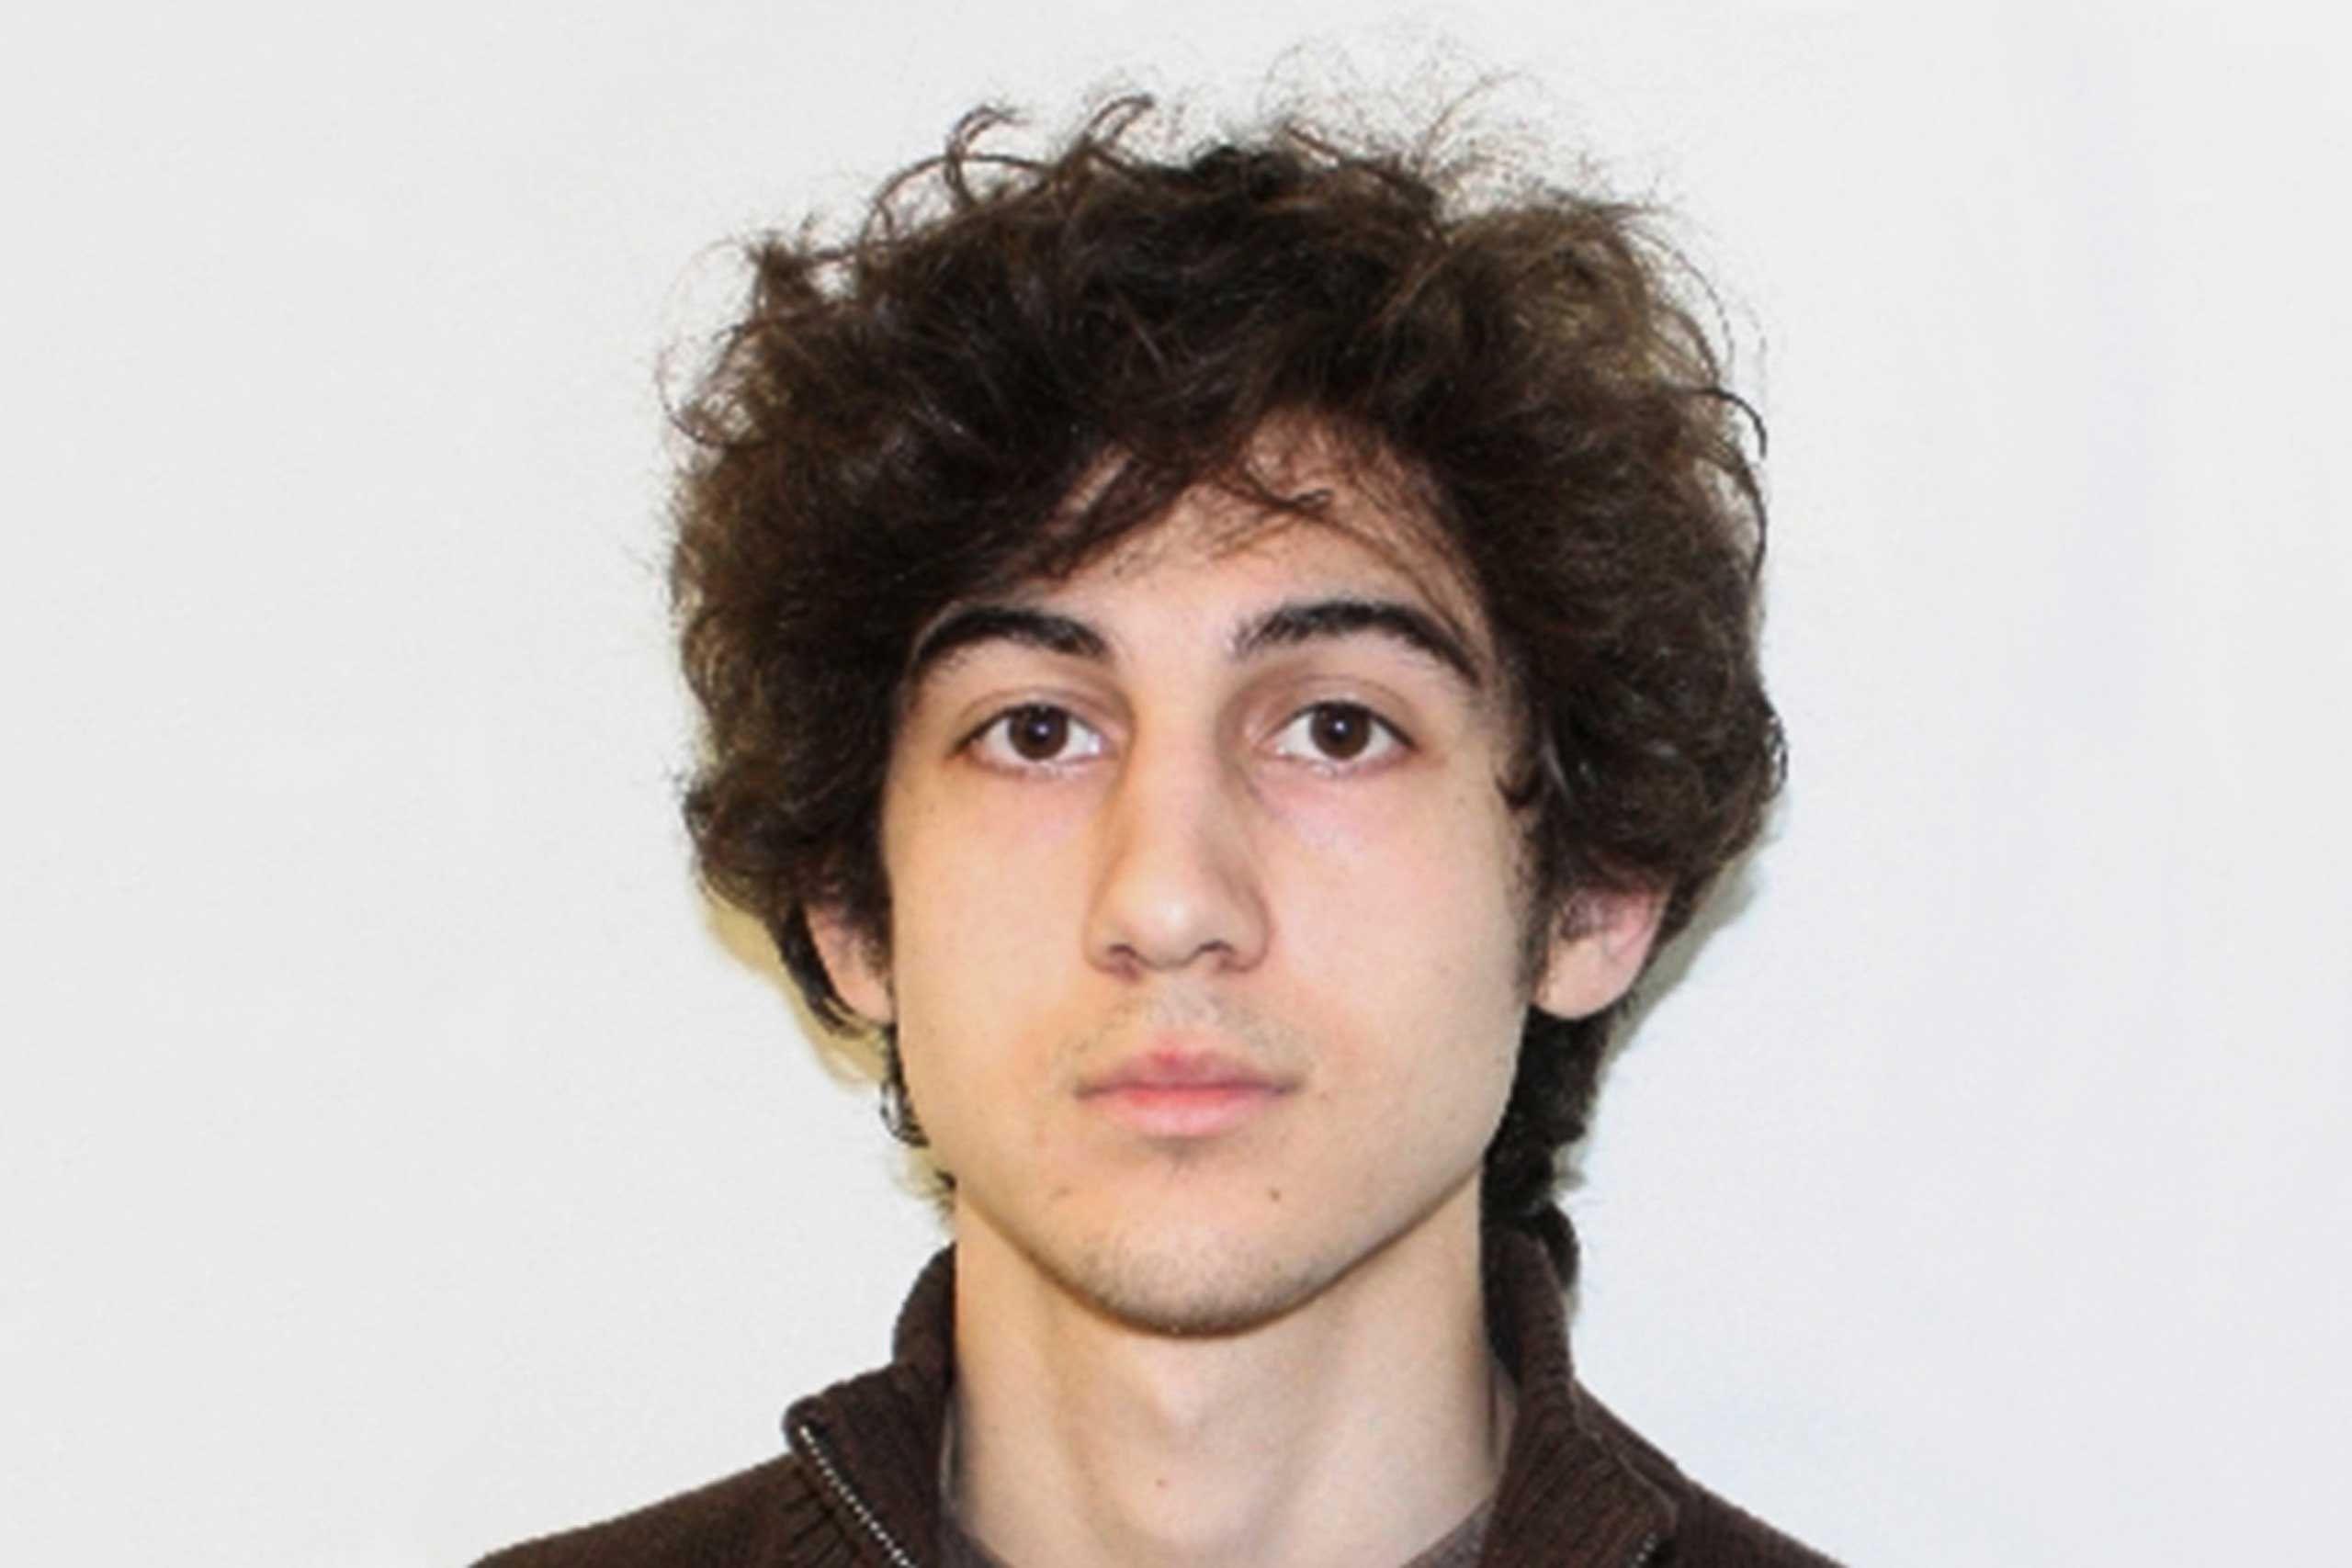 dzhokhar tsarnaev - photo #2